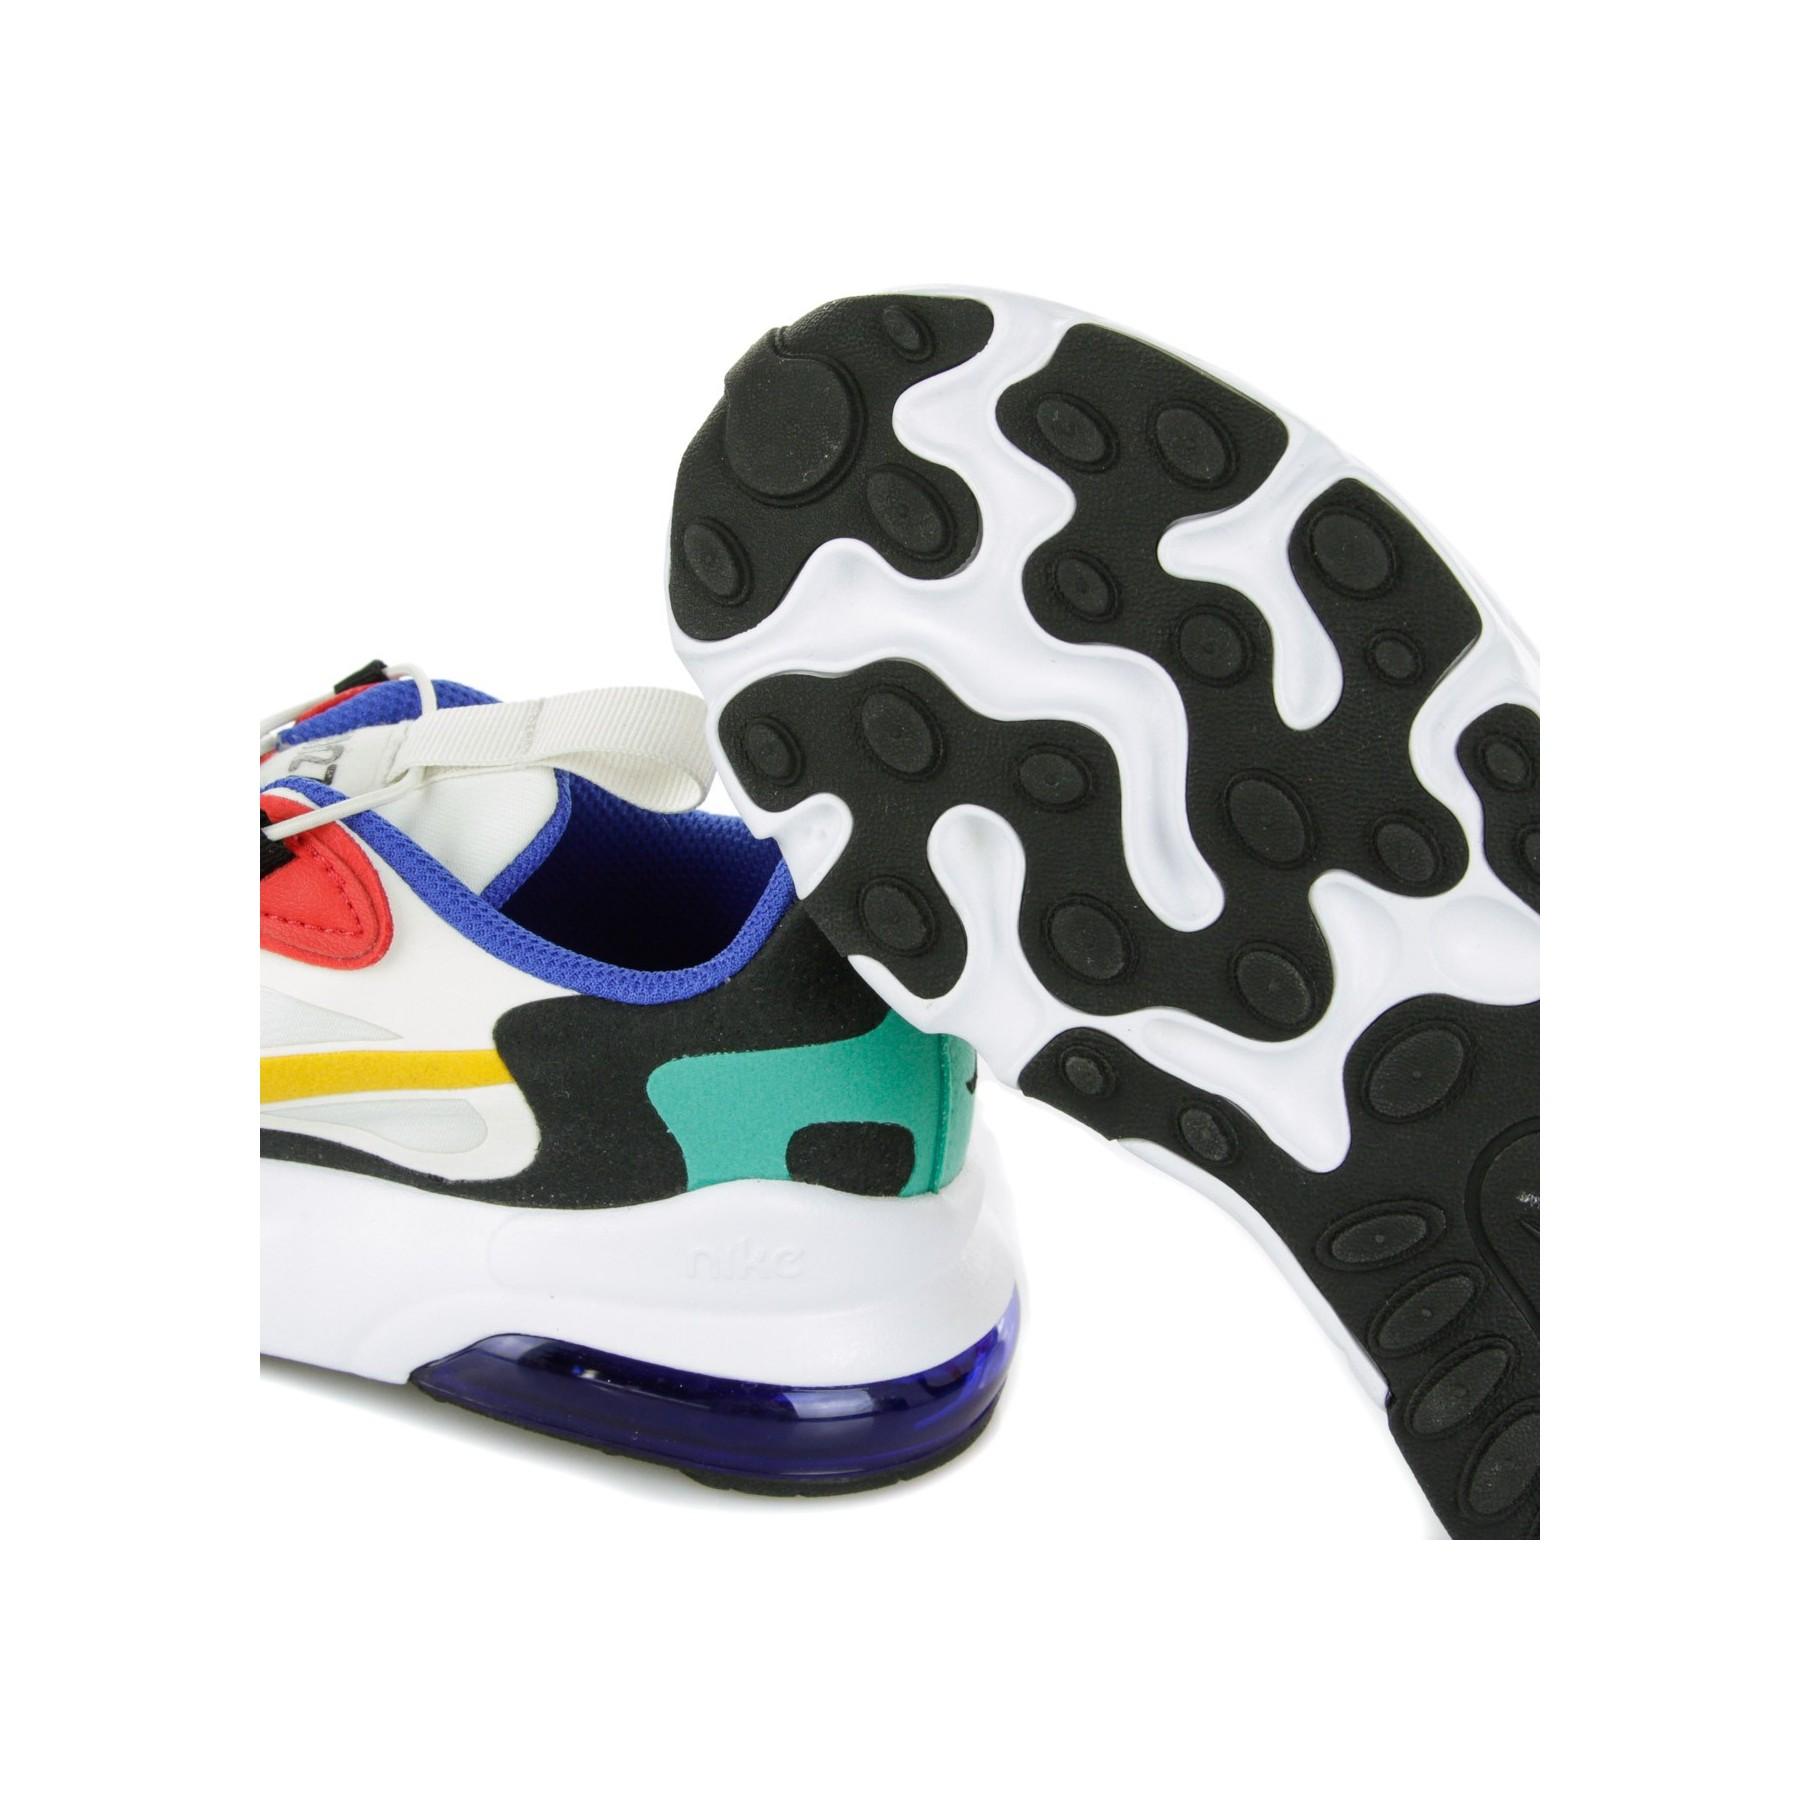 scarpa bassa bambino air max 270 rt (ps) PHANTOM/UNIVERSITY GOLD/KINETIC GREEN